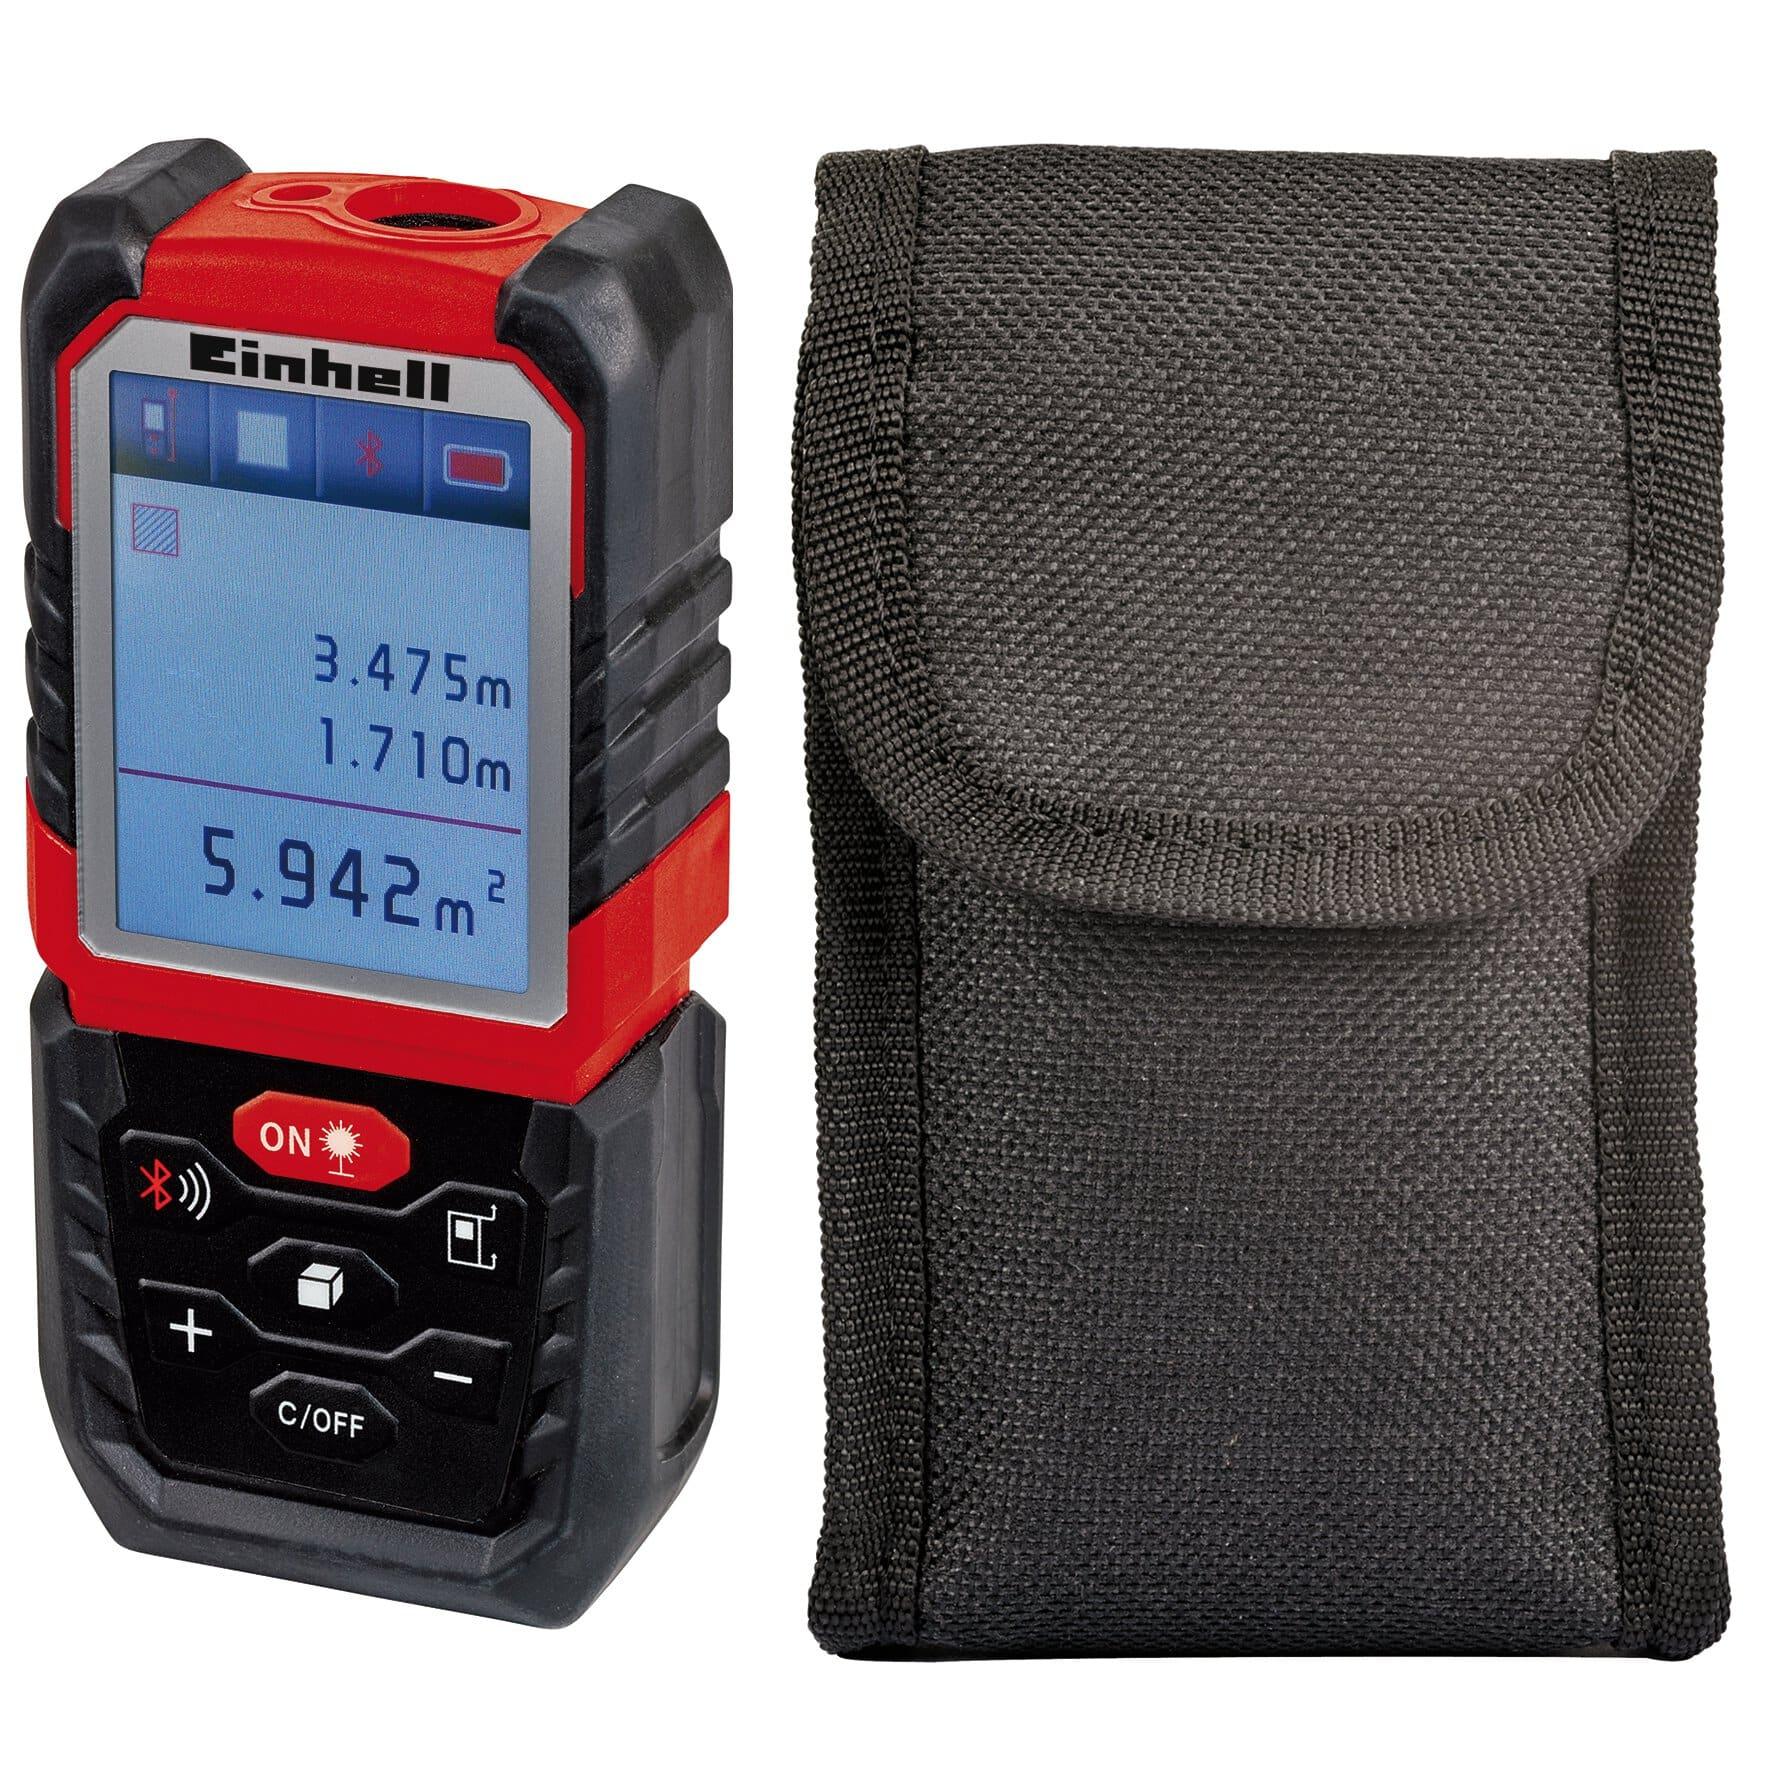 Einhell TE-LD 60 Télémètre laser